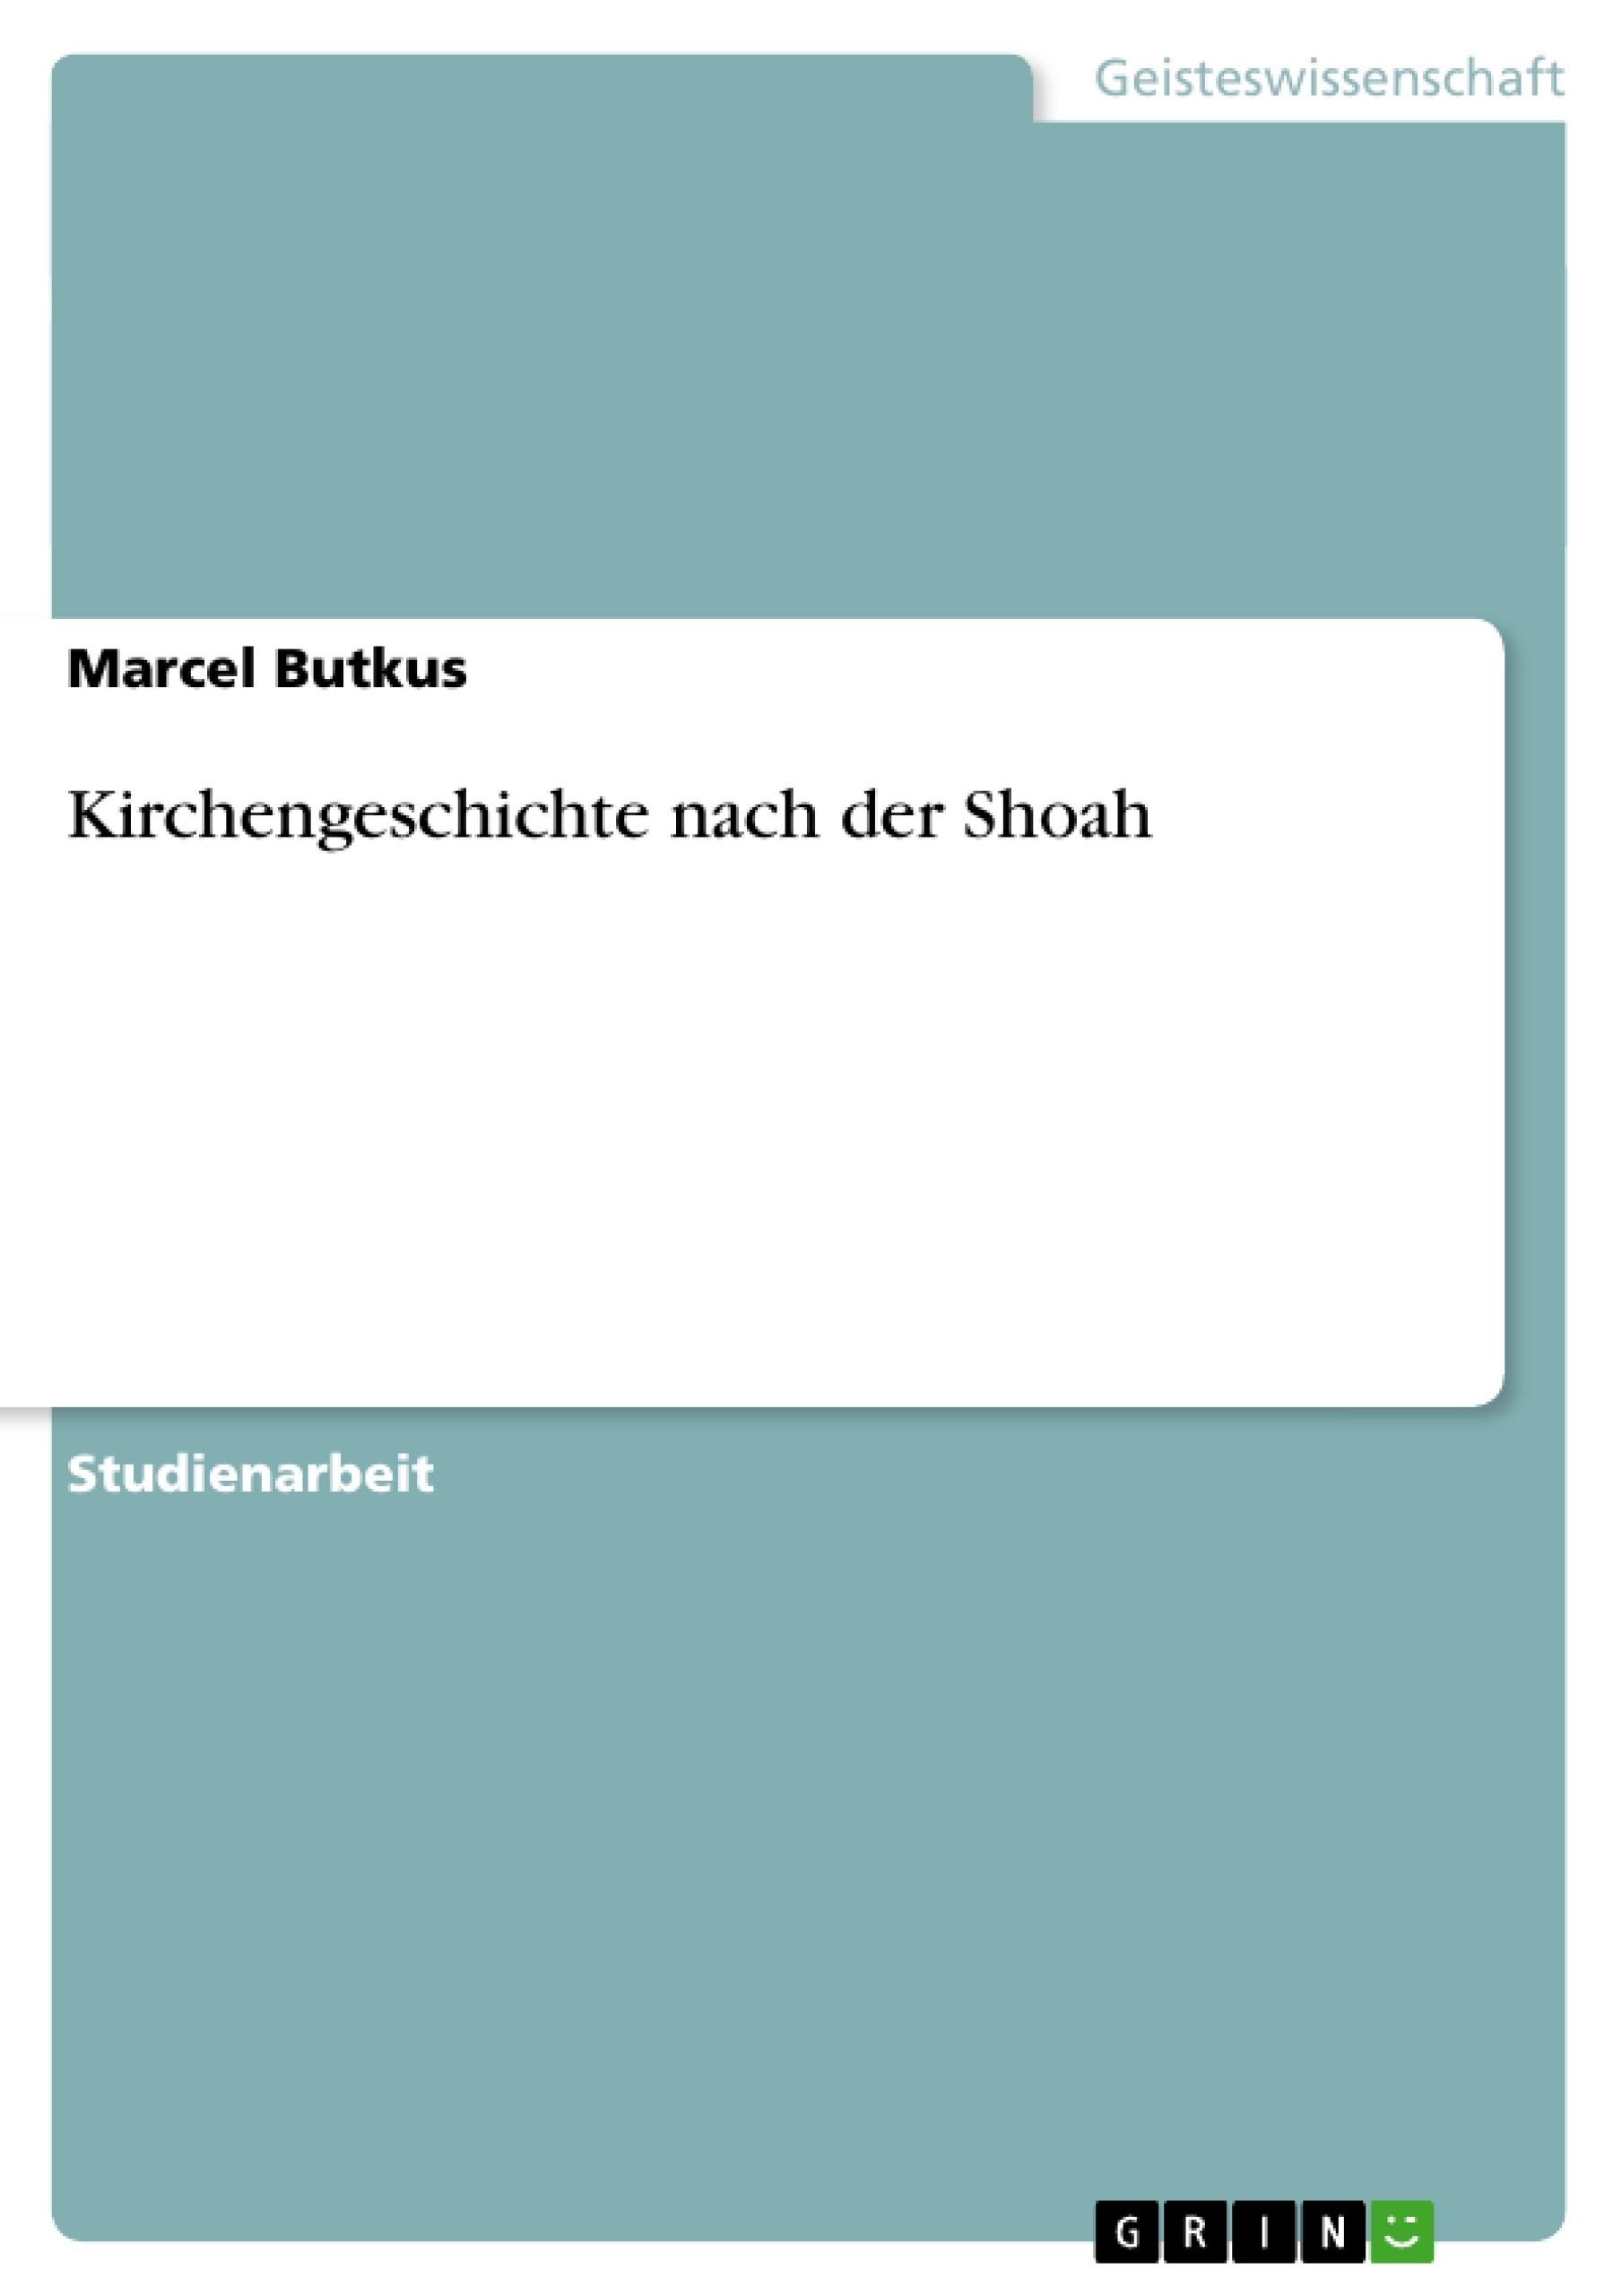 Titel: Kirchengeschichte nach der Shoah